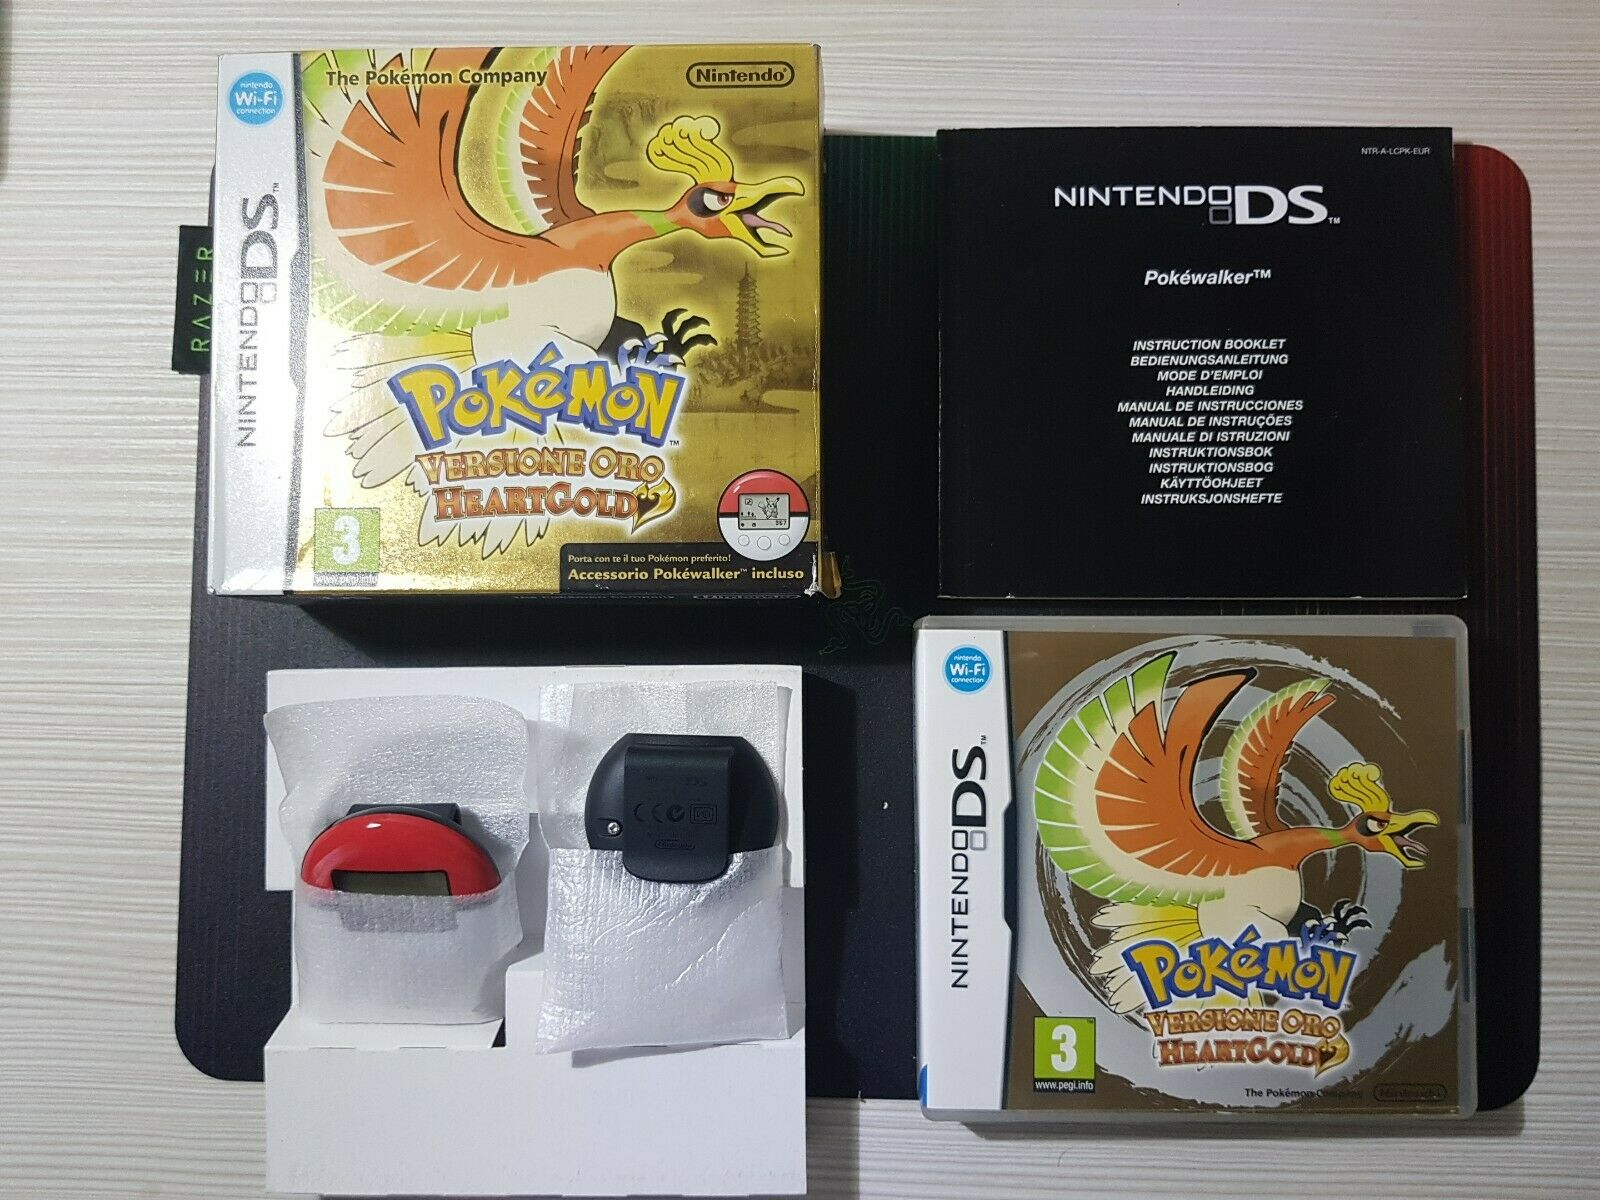 Panoramica Pokémon Versione Oro HeartGold con Pokewalker